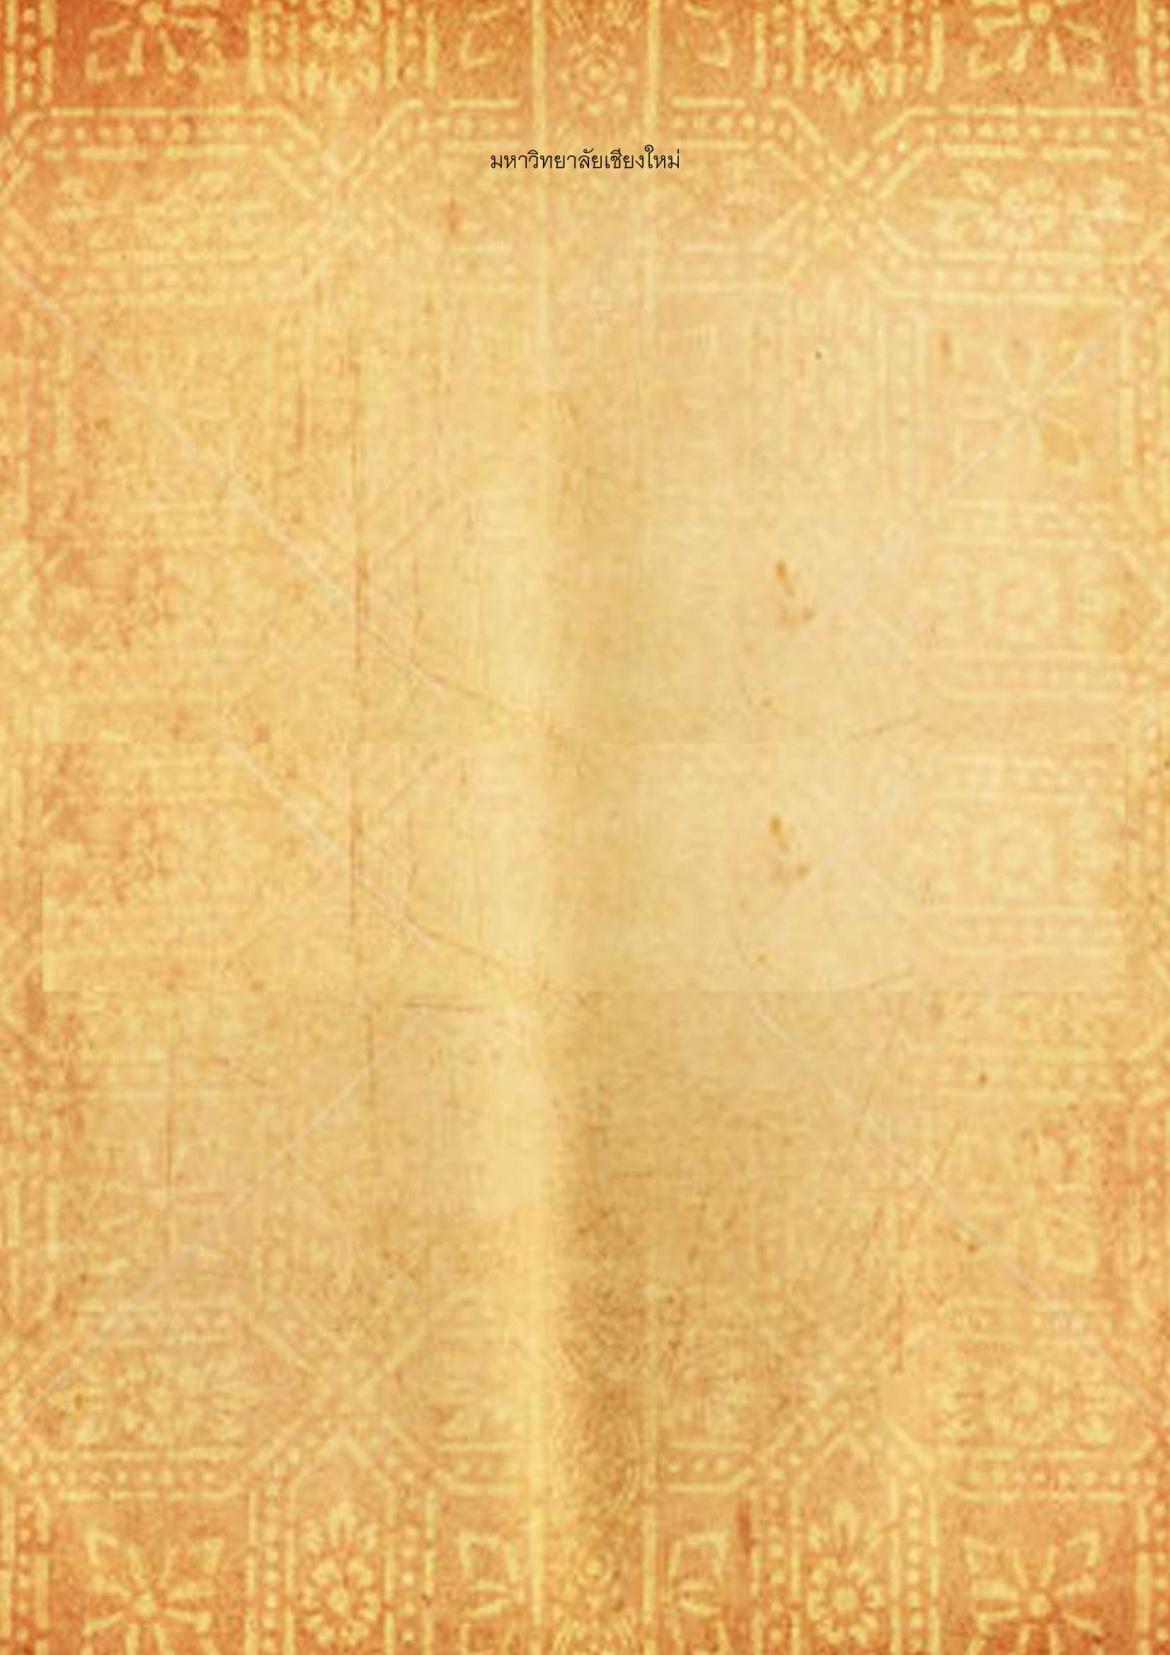 พิธีกรรมเเละความเชื่อการปลูกเรือนล้านนา(49) - 7 ตุลาคม 2562